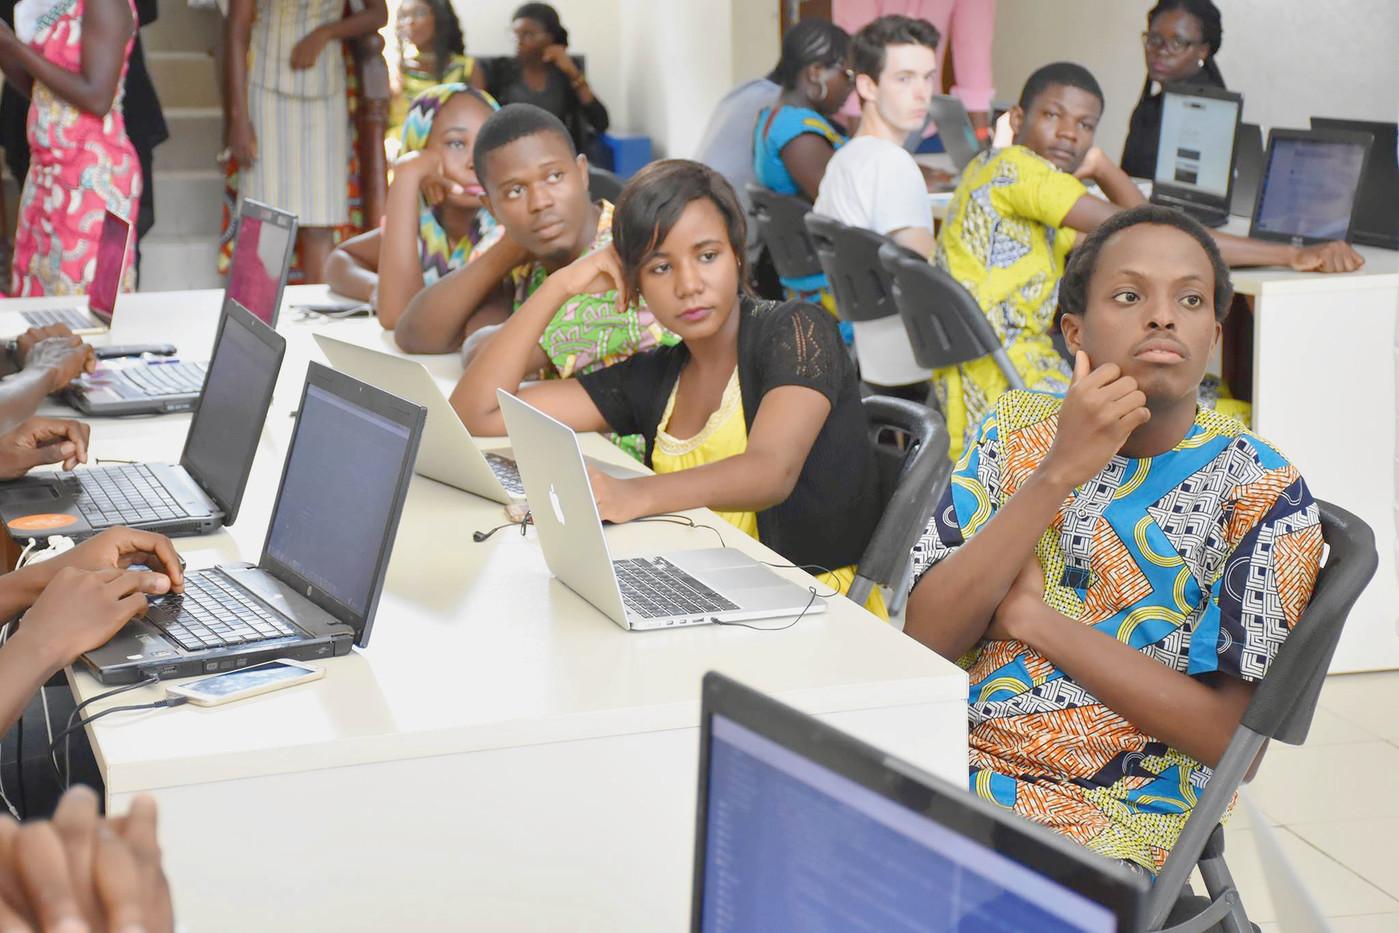 Le Forum africain appelle à accélérer les actions visant à encourager les jeunes africains à acquérir des compétences numériques pertinentes pour l'emploi